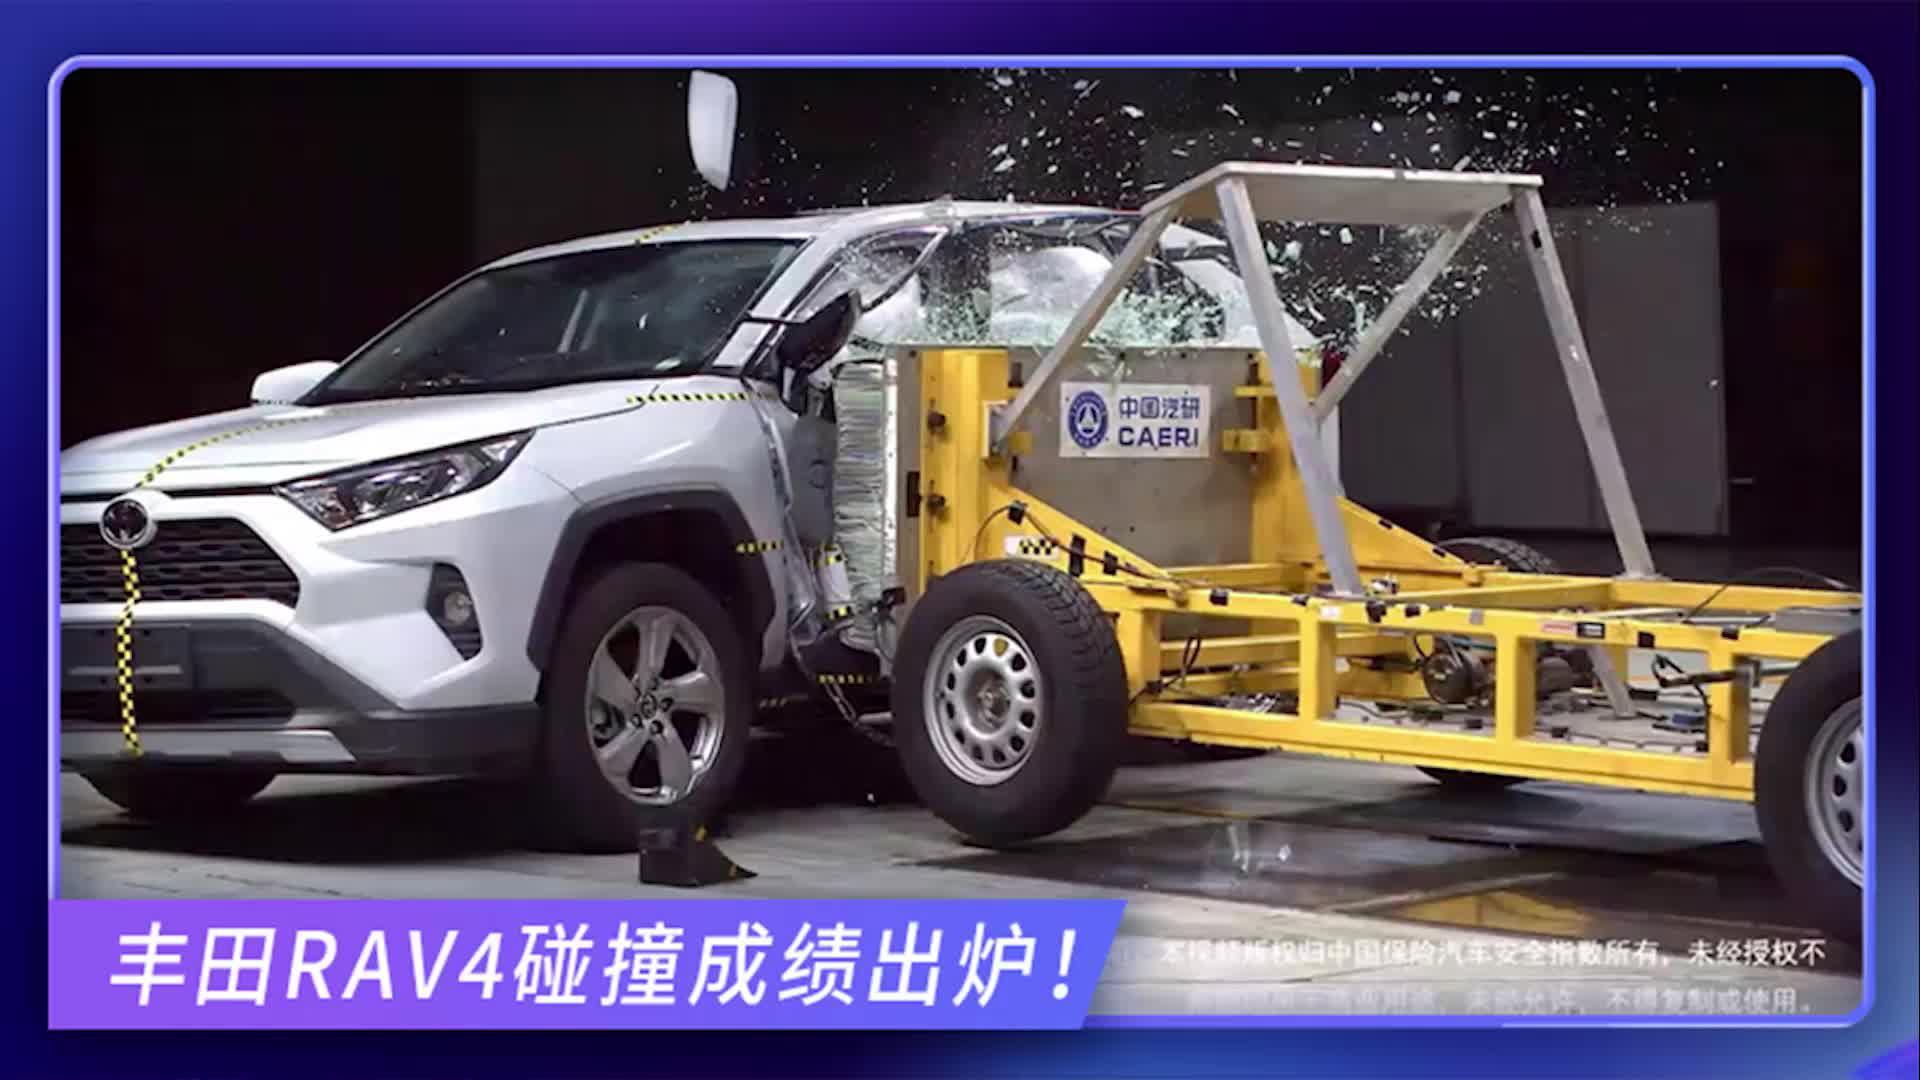 视频:中保研丰田RAV4碰撞出炉!侧面碰撞优秀,乘员保护优秀